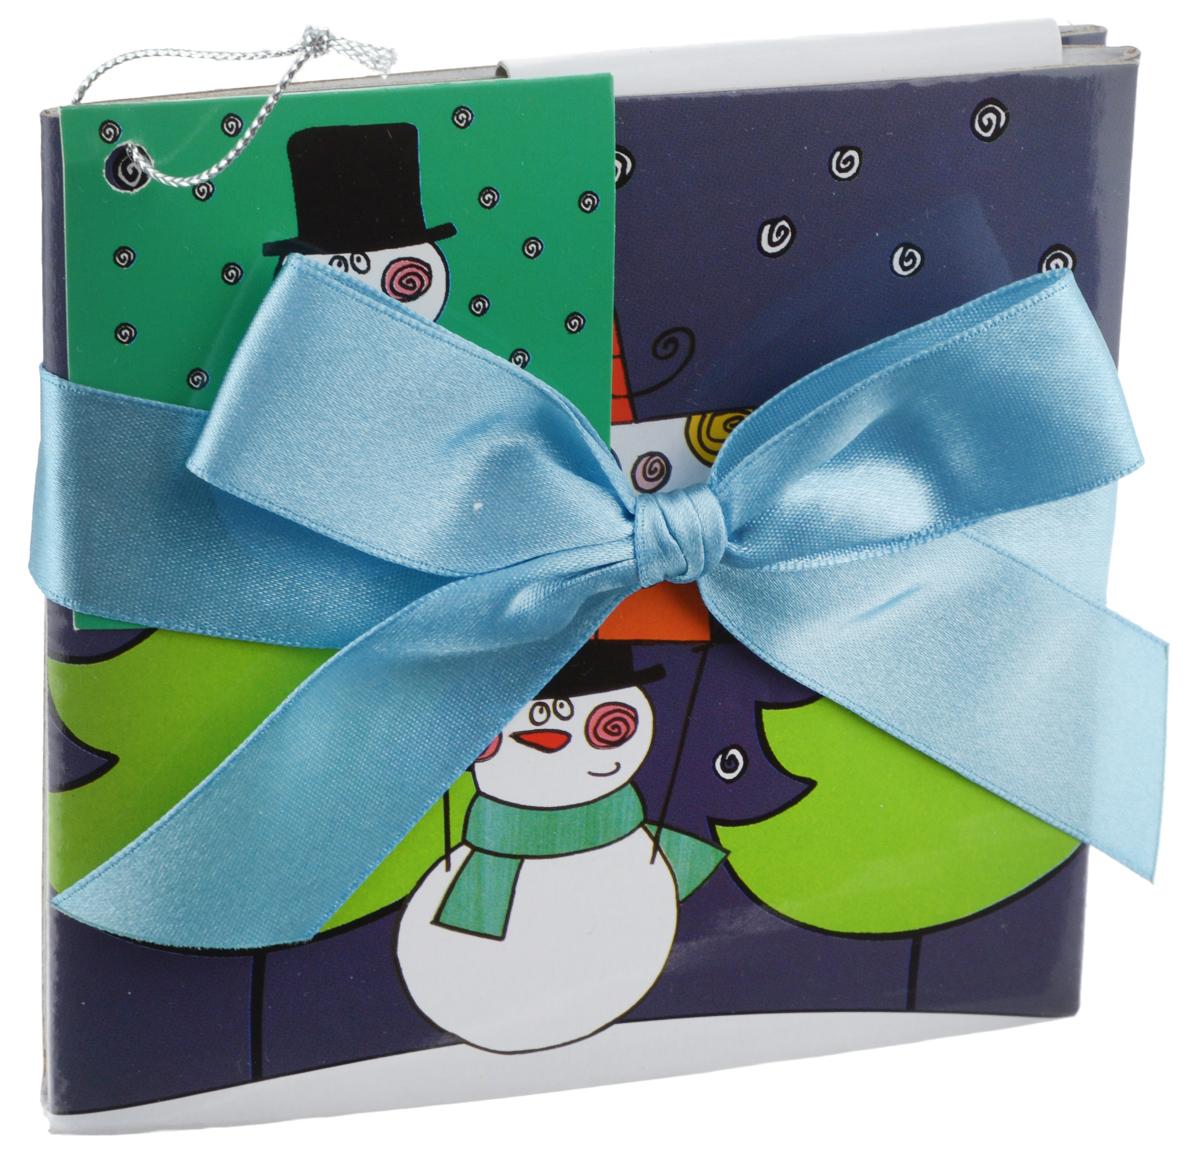 Коробка подарочная Winter Wings, 12 х 12 х 12 смN14060/128Подарочная коробка Winter Wings выполнена из картона. Крышка оформлена изображением снеговиков.Подарочная коробка - это наилучшее решение, если вы хотите порадовать ваших близких и создать праздничное настроение, ведь подарок, преподнесенный в оригинальной упаковке, всегда будет самым эффектным и запоминающимся. Окружите близких людей вниманием и заботой, вручив презент в нарядном, праздничном оформлении.Размеры: 12 х 12 х 12 см.